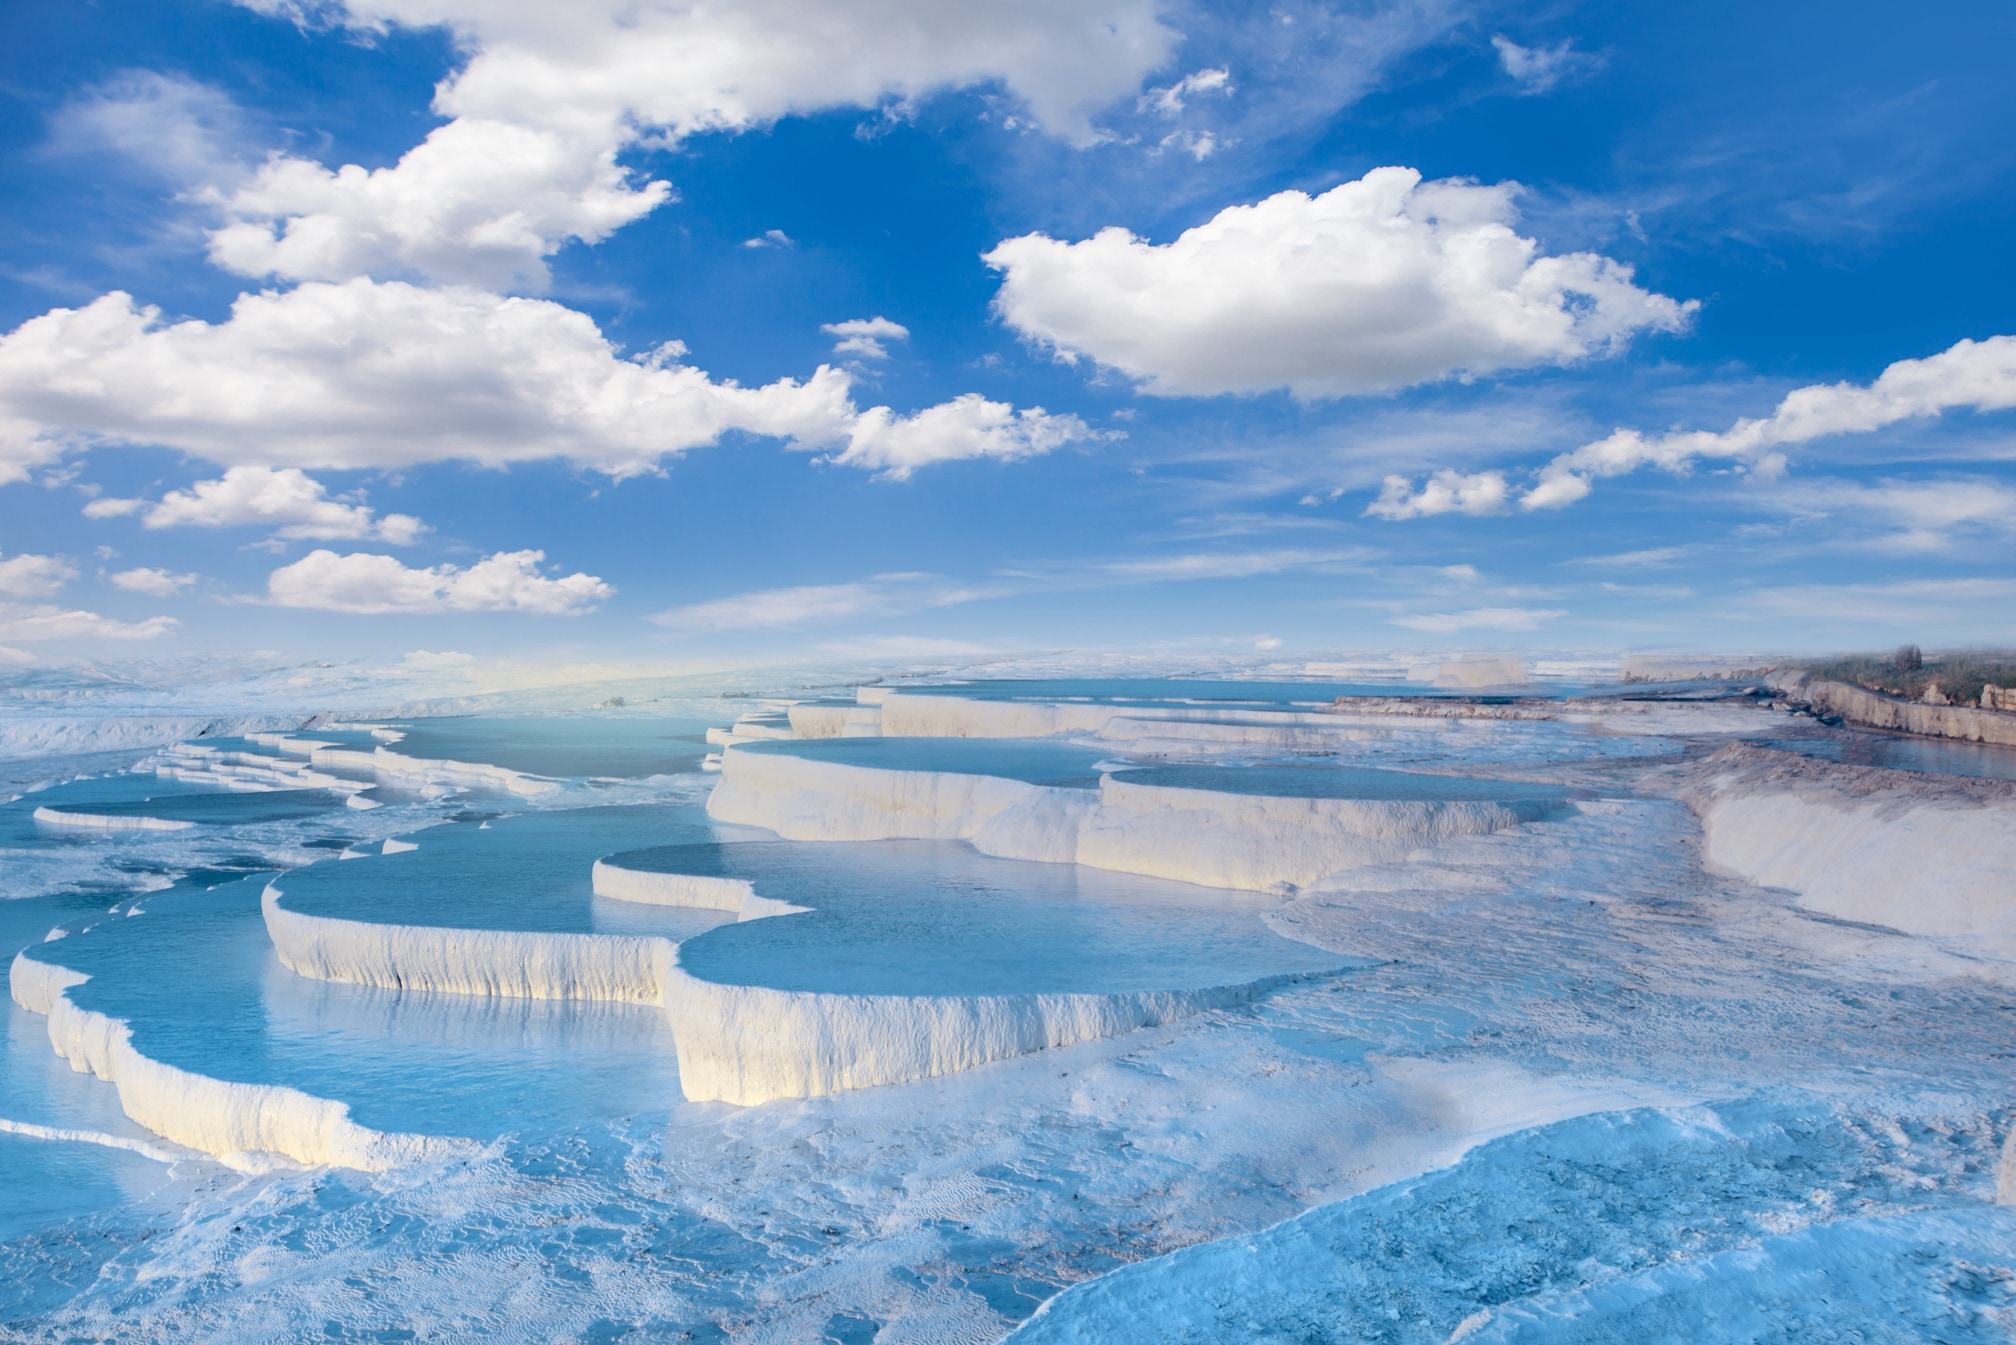 土耳其 希腊16日跟团游·全程5星 温泉 悬崖酒店 欧亚图片